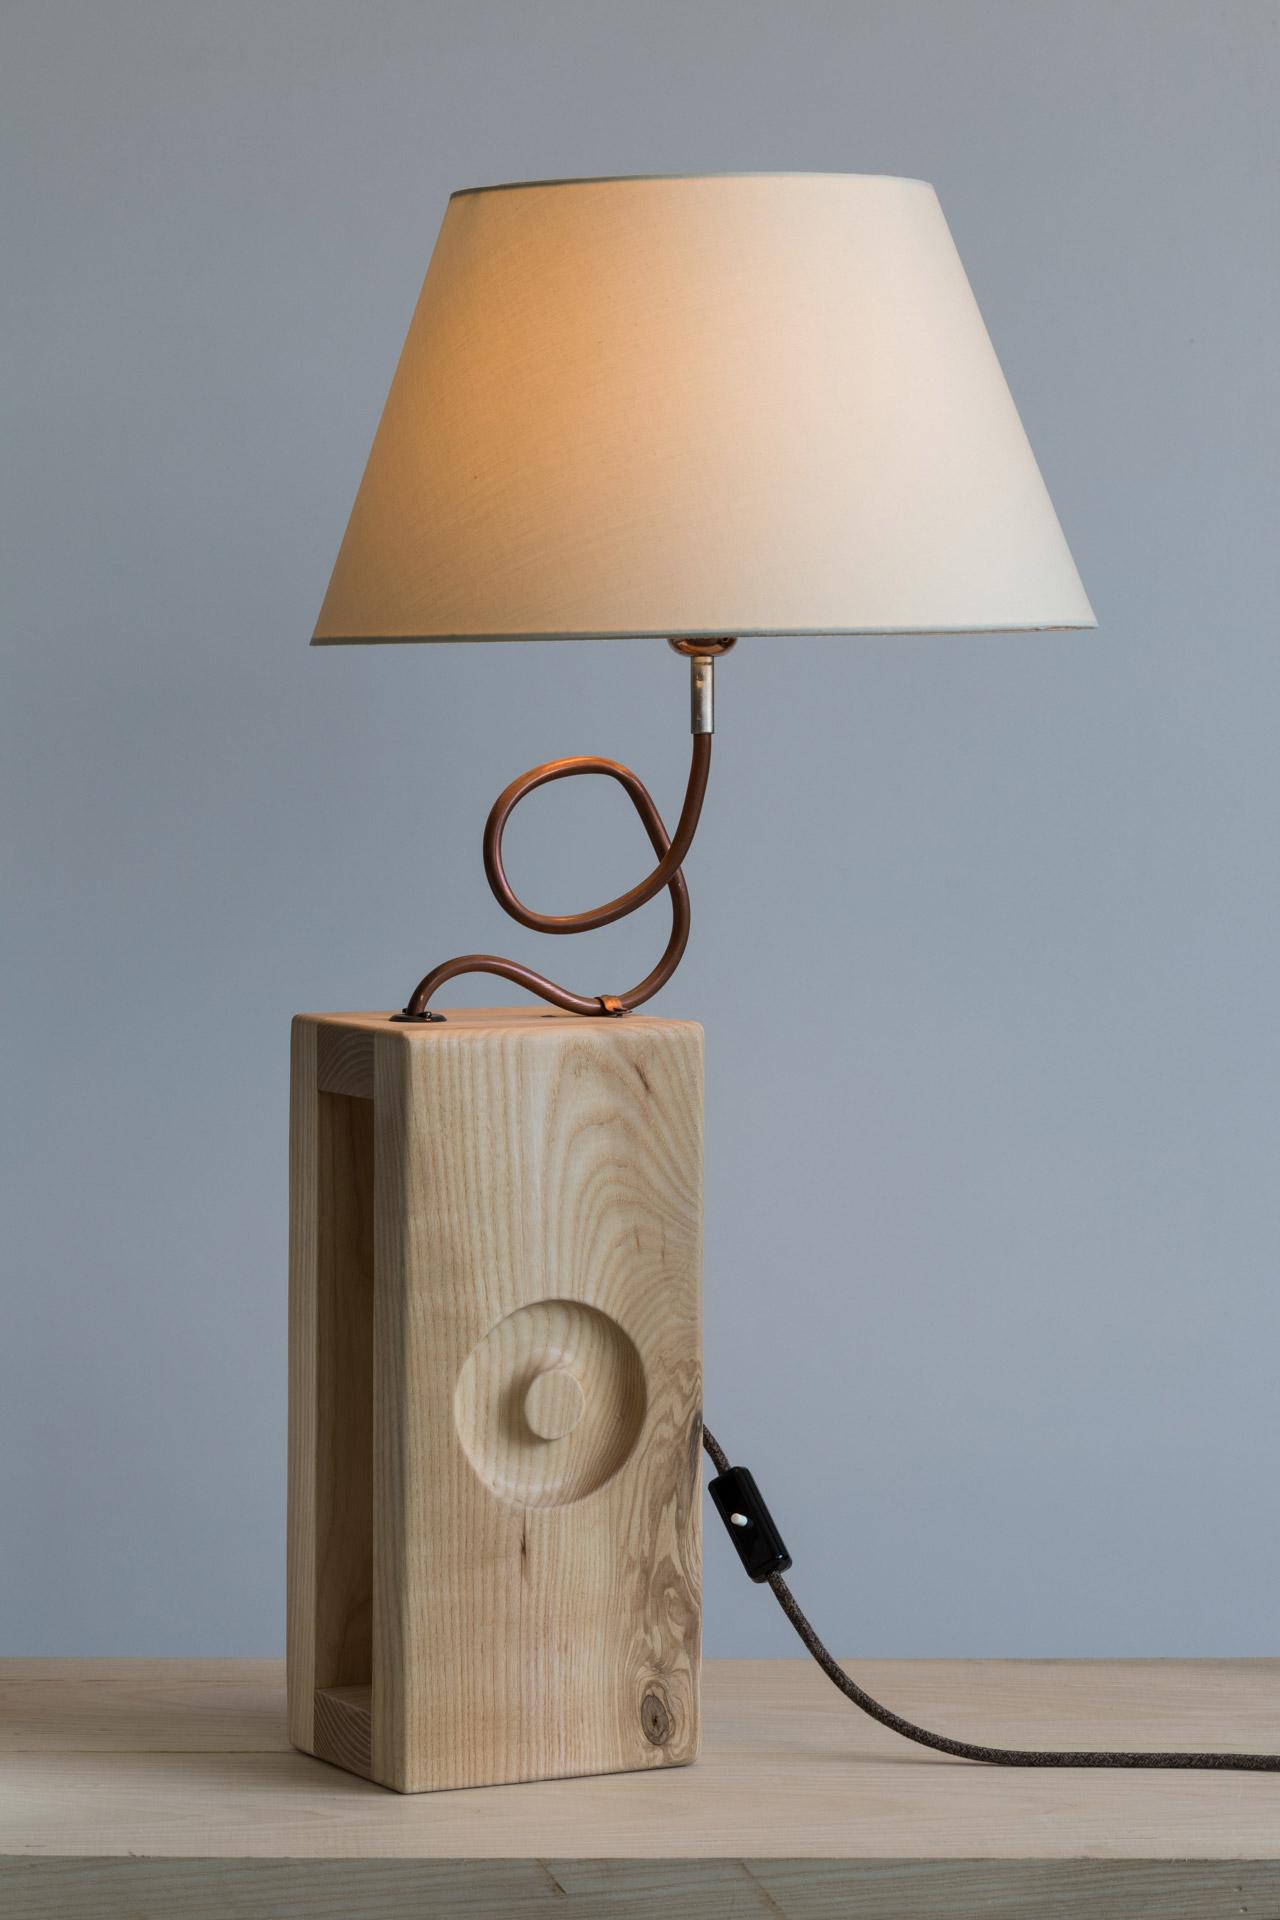 Lampada da tavolo in legno naturale di frassino olivato massello, rame e paralume in cotone